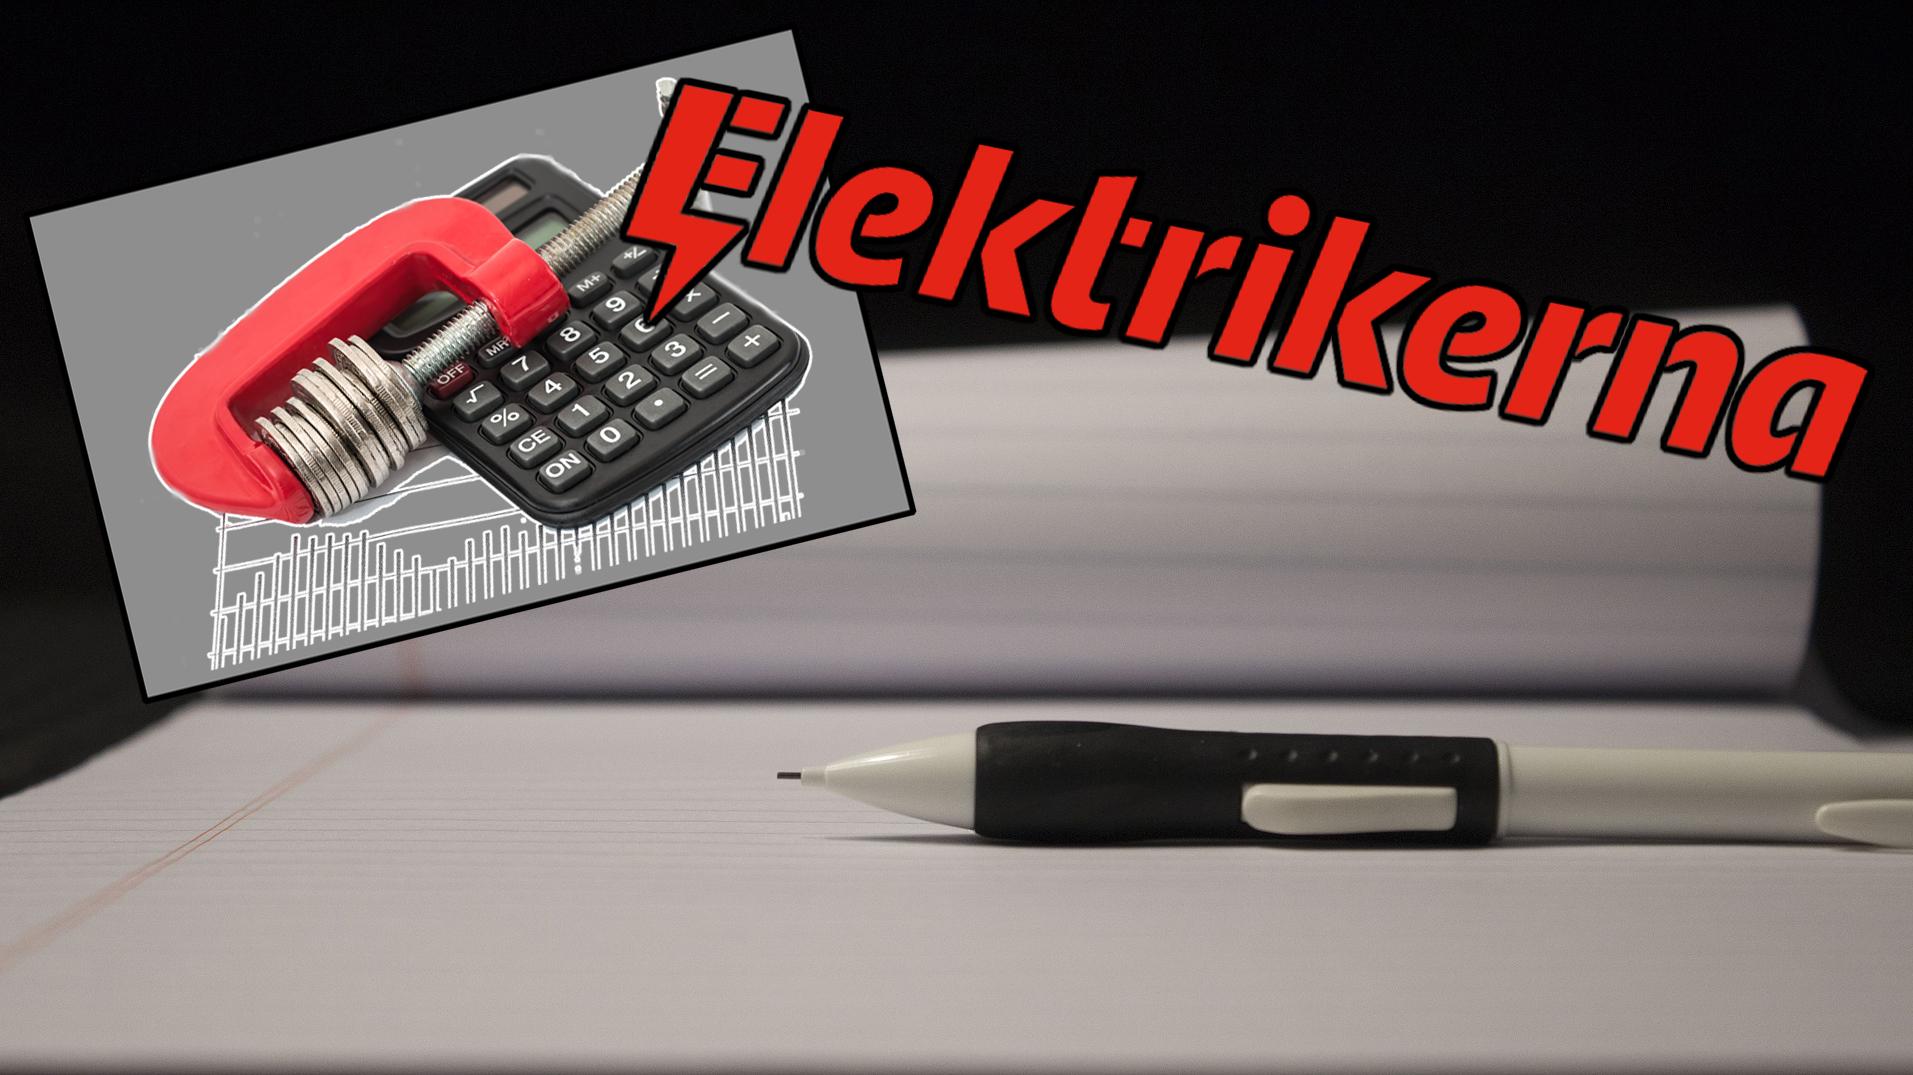 Bilden föreställer ett linjerat skrivblock med en klick-blyertspenna liggandes ovanpå. Över bilden är monterat en mindre bild av en kalkylator och en tving som pressar ihop en trave mynt, samt Elektrikerförbundets logotyp.